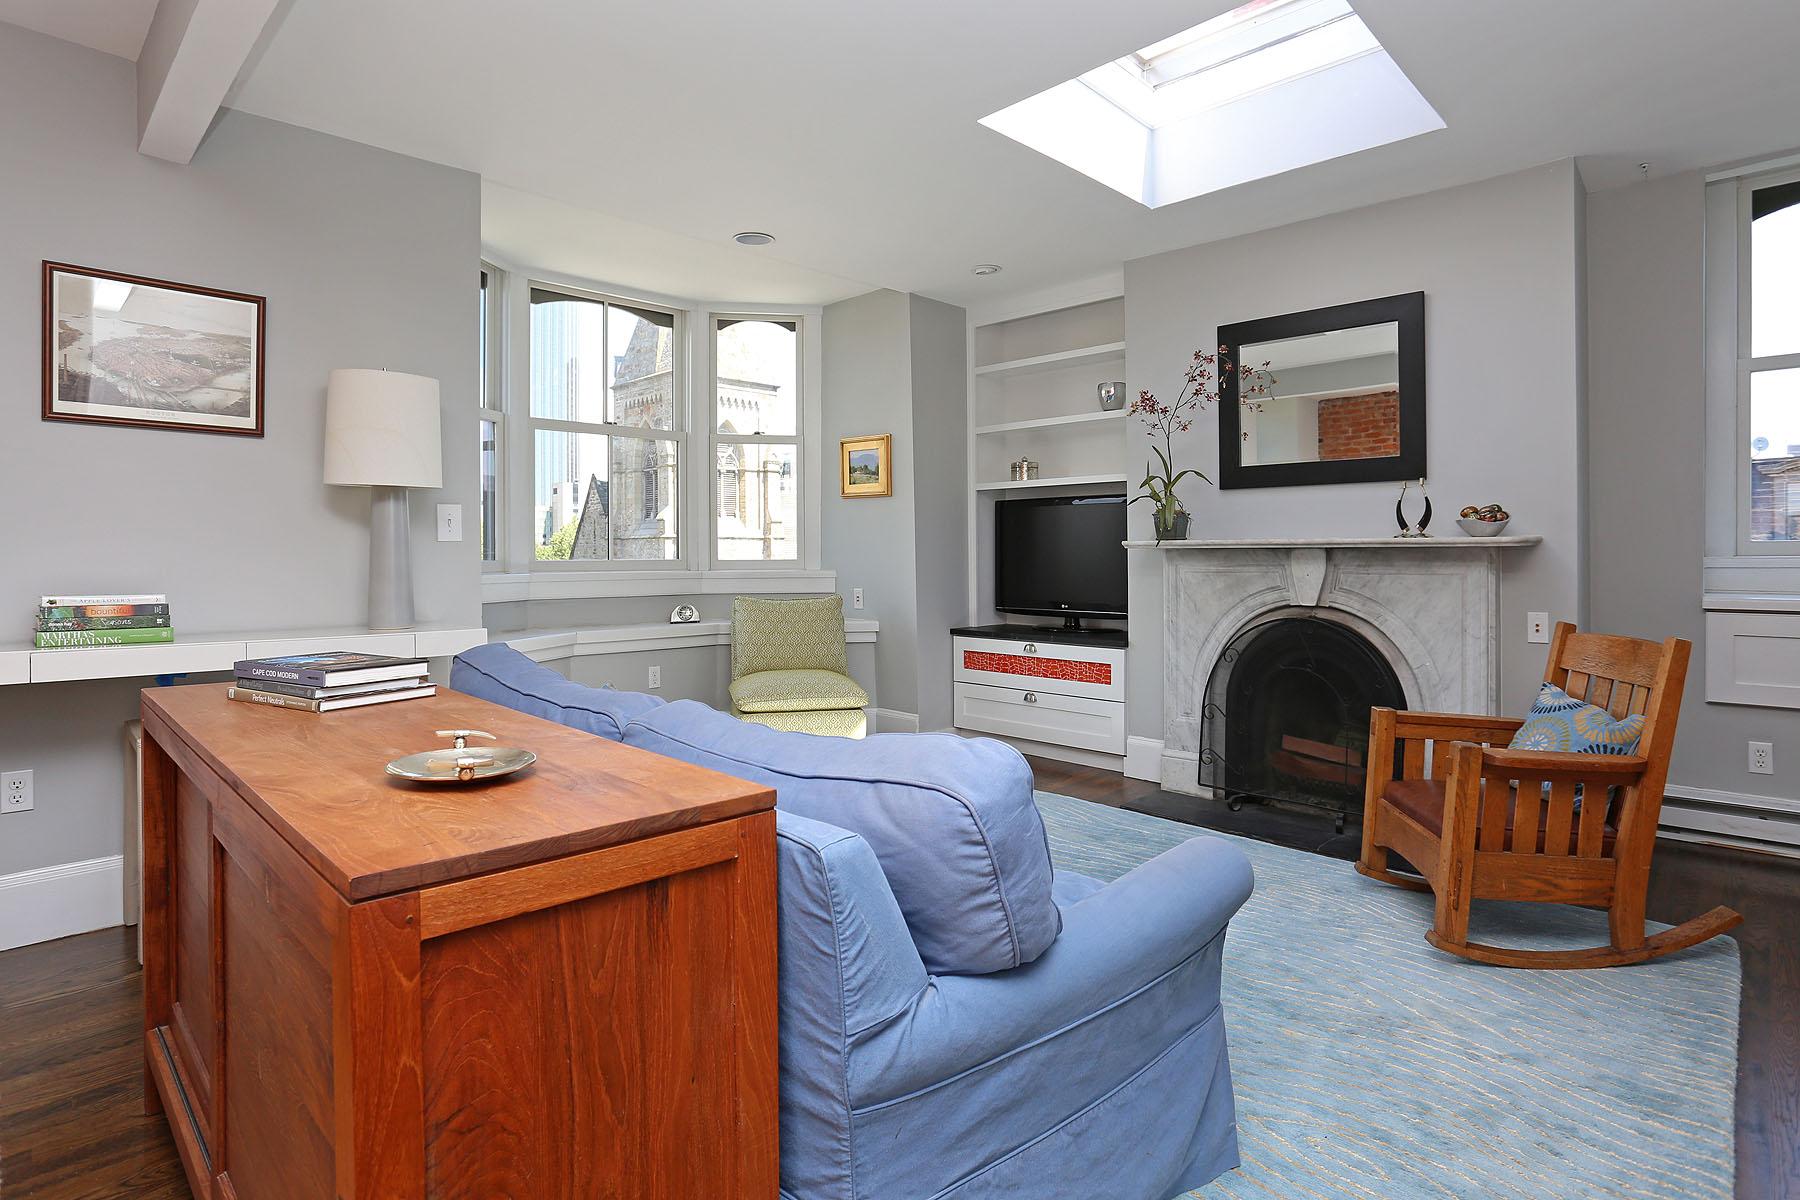 Кооперативная квартира для того Продажа на South End Condominium 496 Columbus Avenue Unit 6 South End, Boston, Массачусетс 02118 Соединенные Штаты